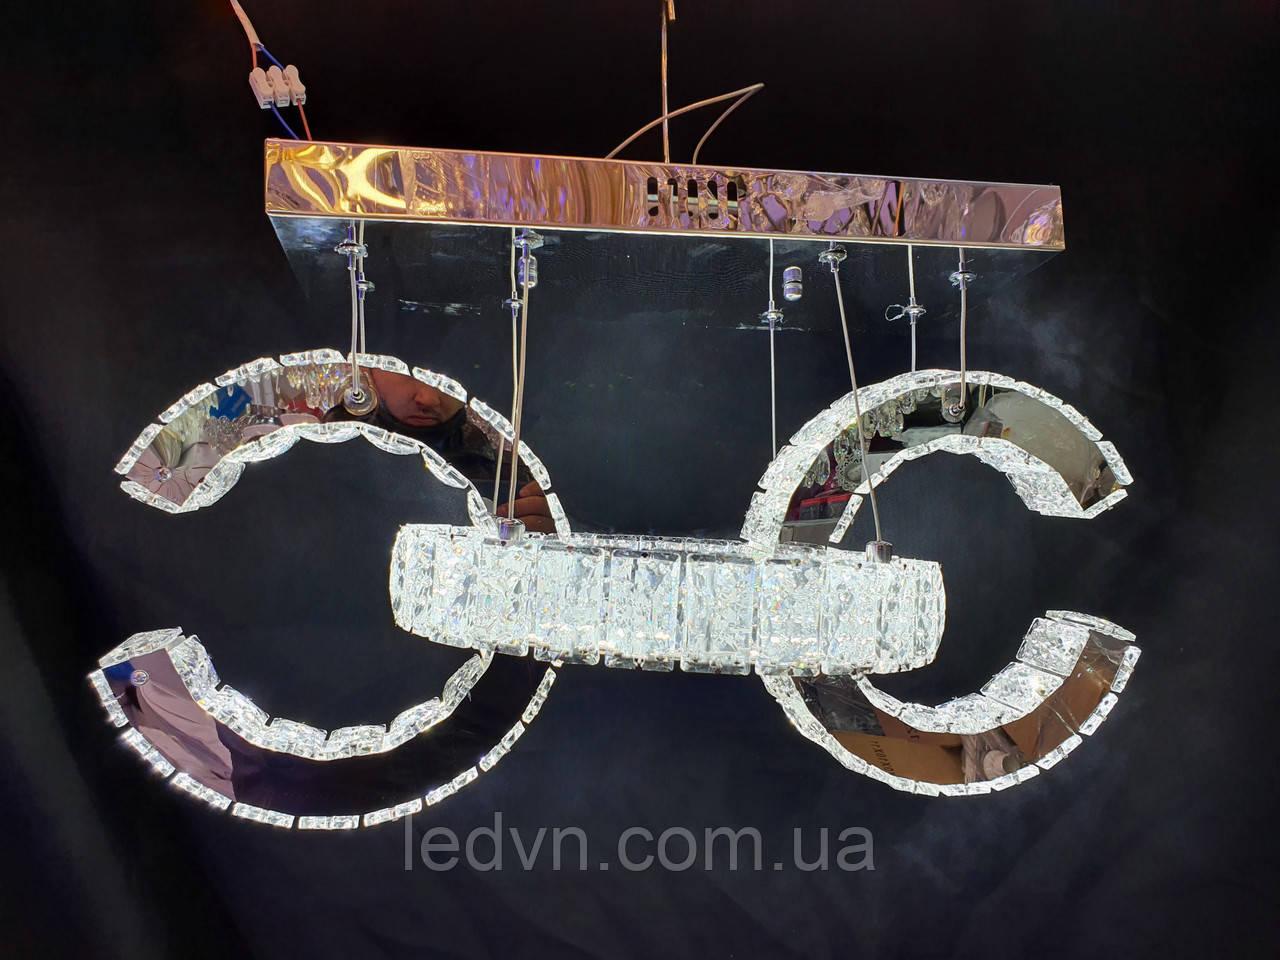 Хрустальная светодиодная люстра-подвес хром 115W